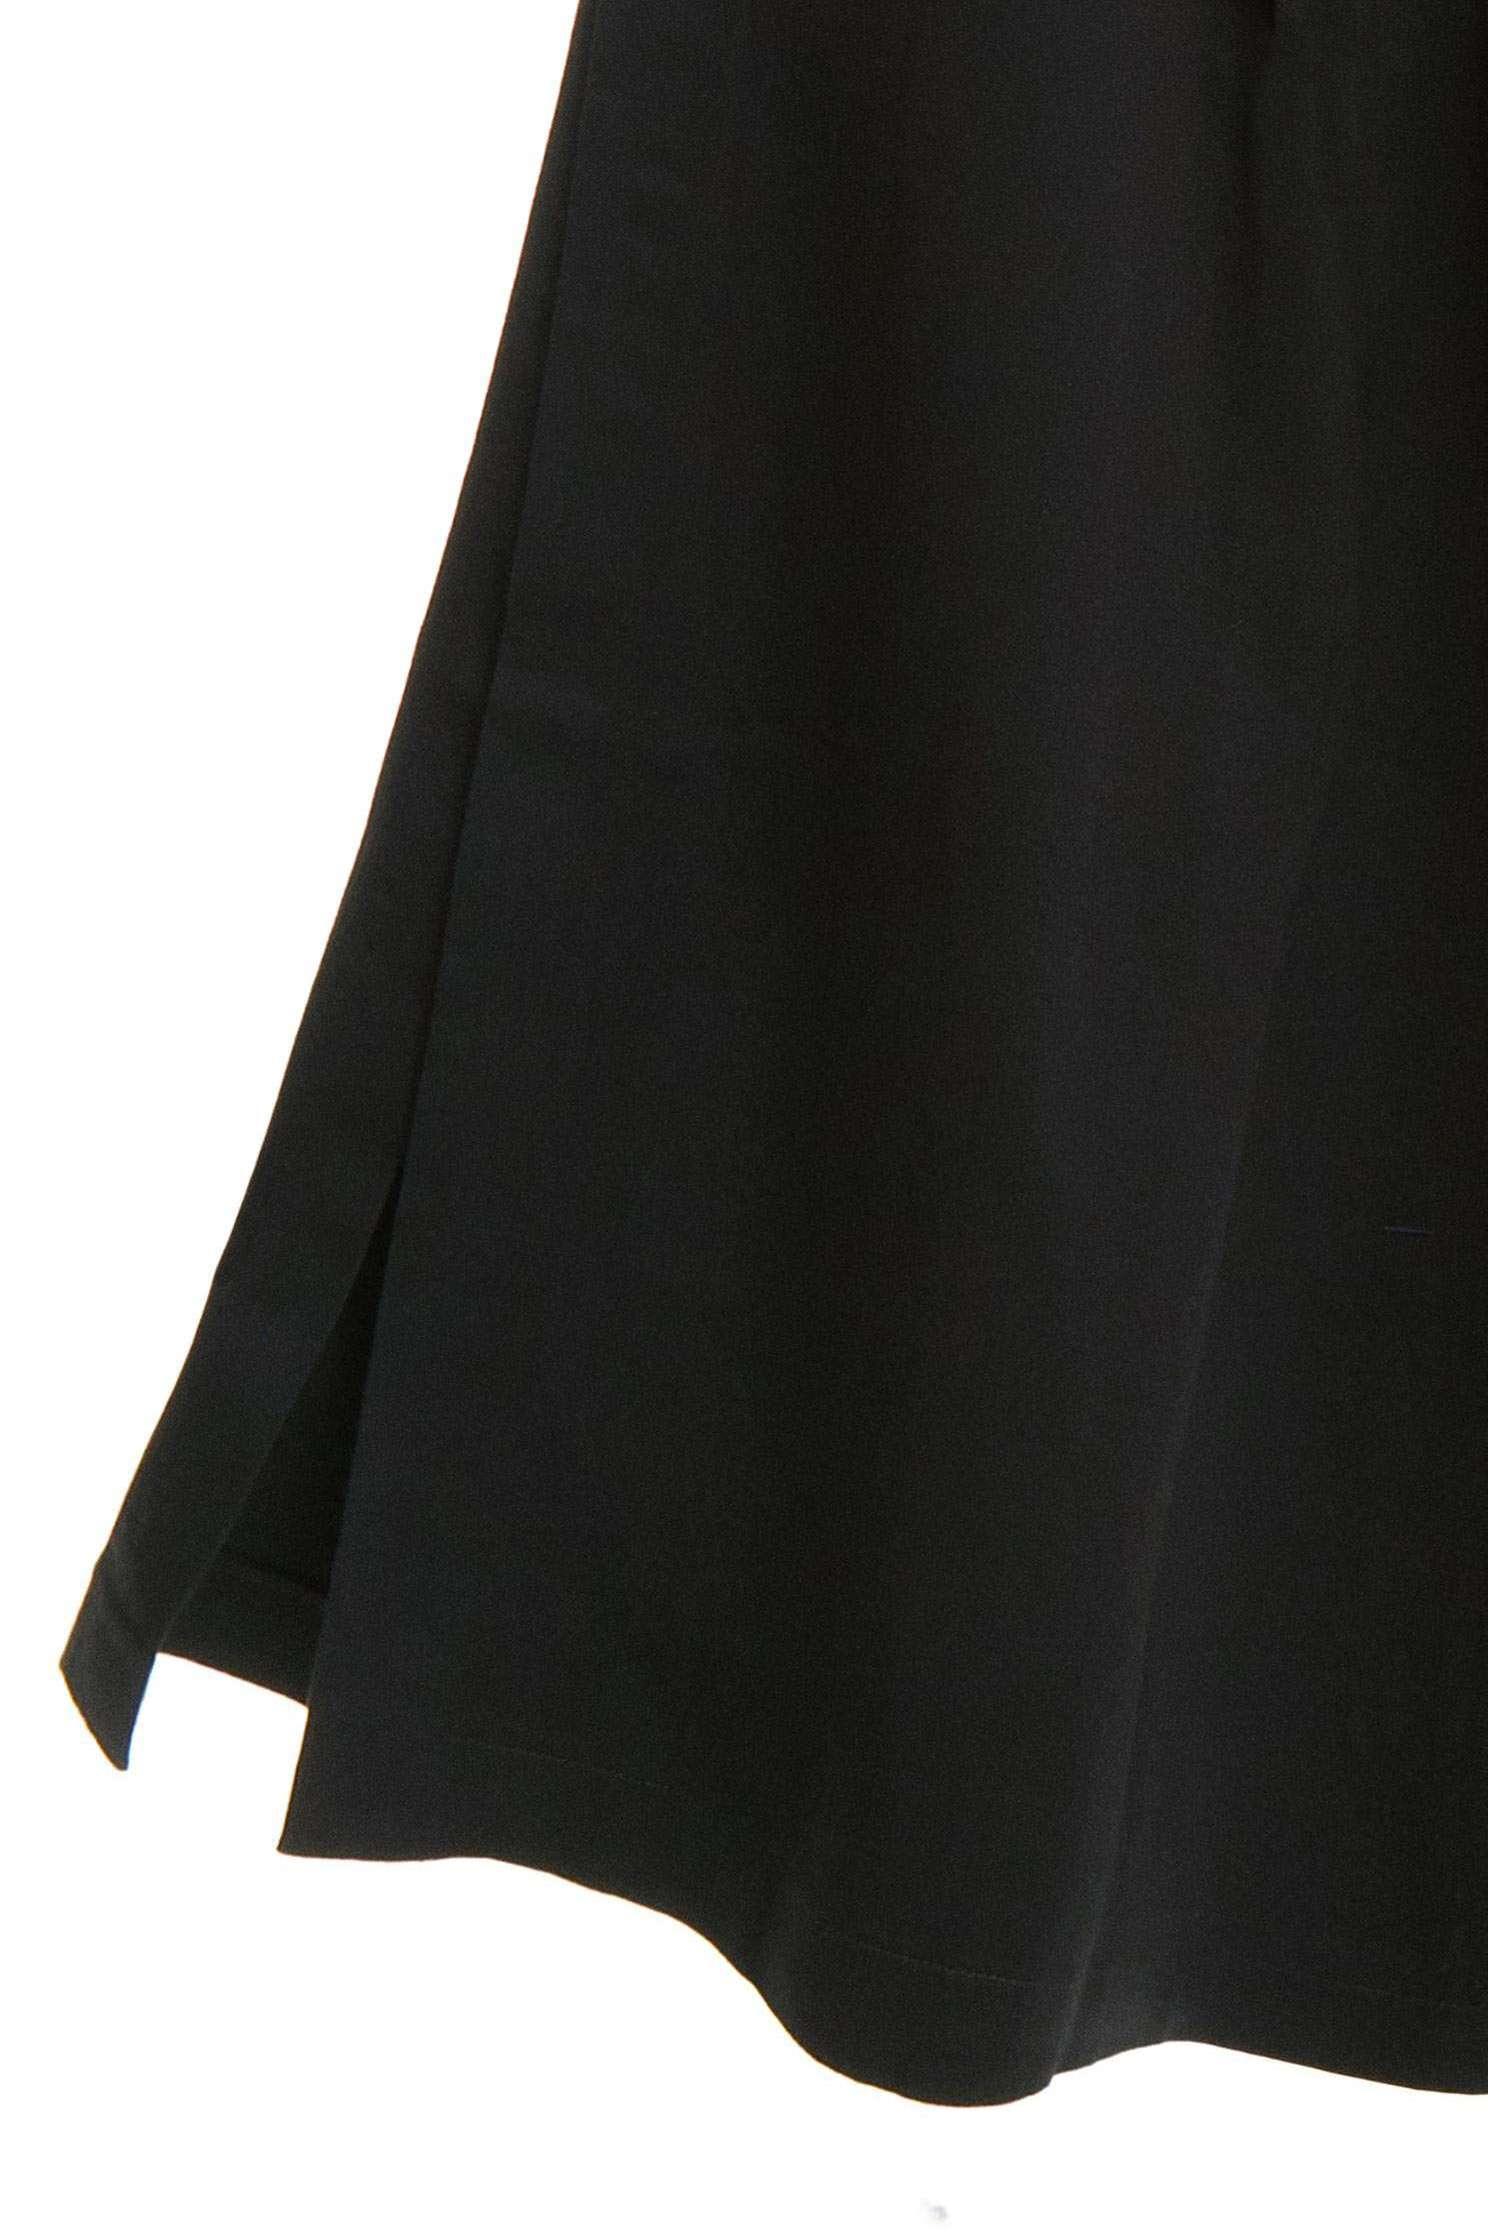 俐落個性寬口長褲,丹寧,寬褲,牛仔,牛仔褲,牛仔長褲,秋冬穿搭,褲子,長褲,顯瘦寬褲,黑色牛仔褲,黑色長褲